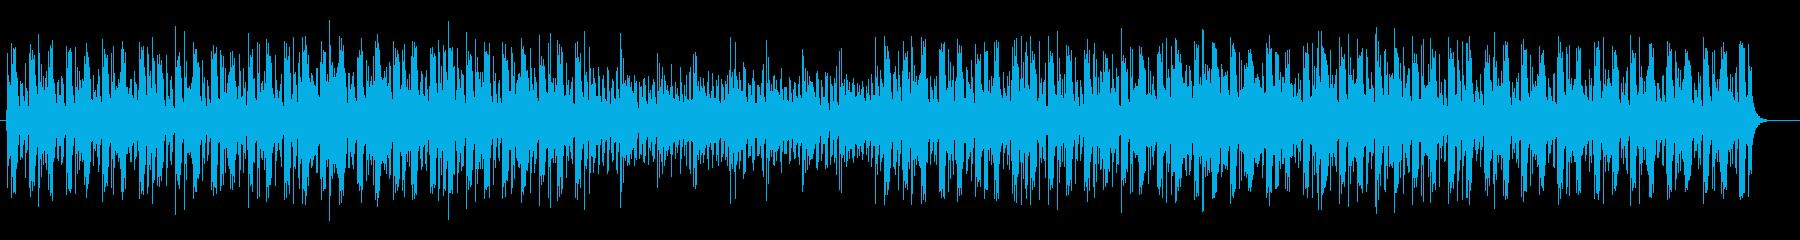 切なく謎めいたミュージックの再生済みの波形